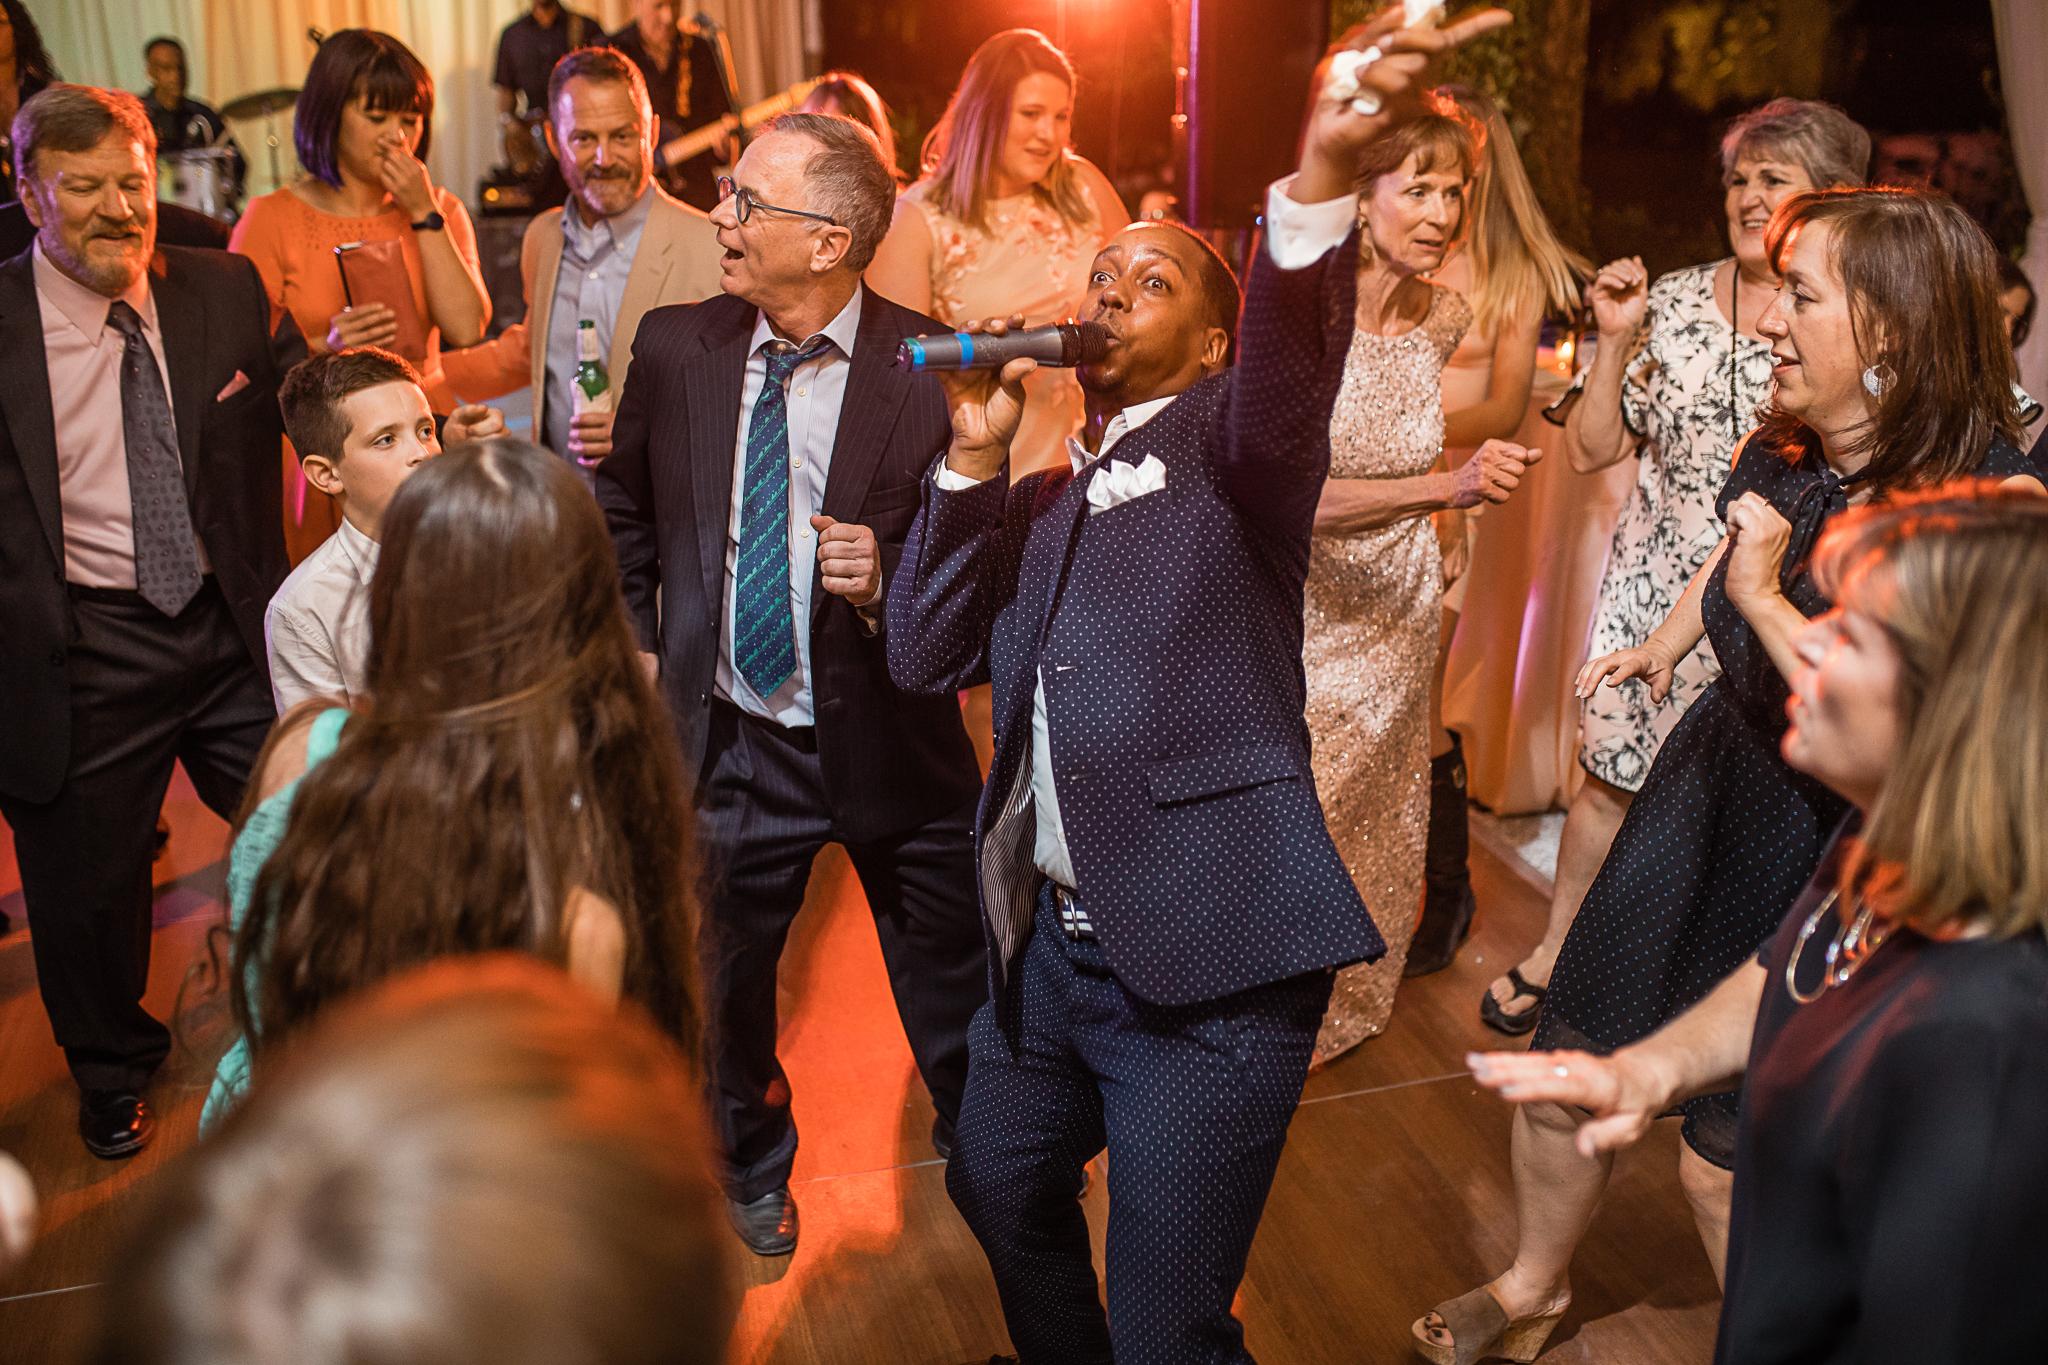 HannahandAndrew-thewarmtharoundyou-wedding18.jpg